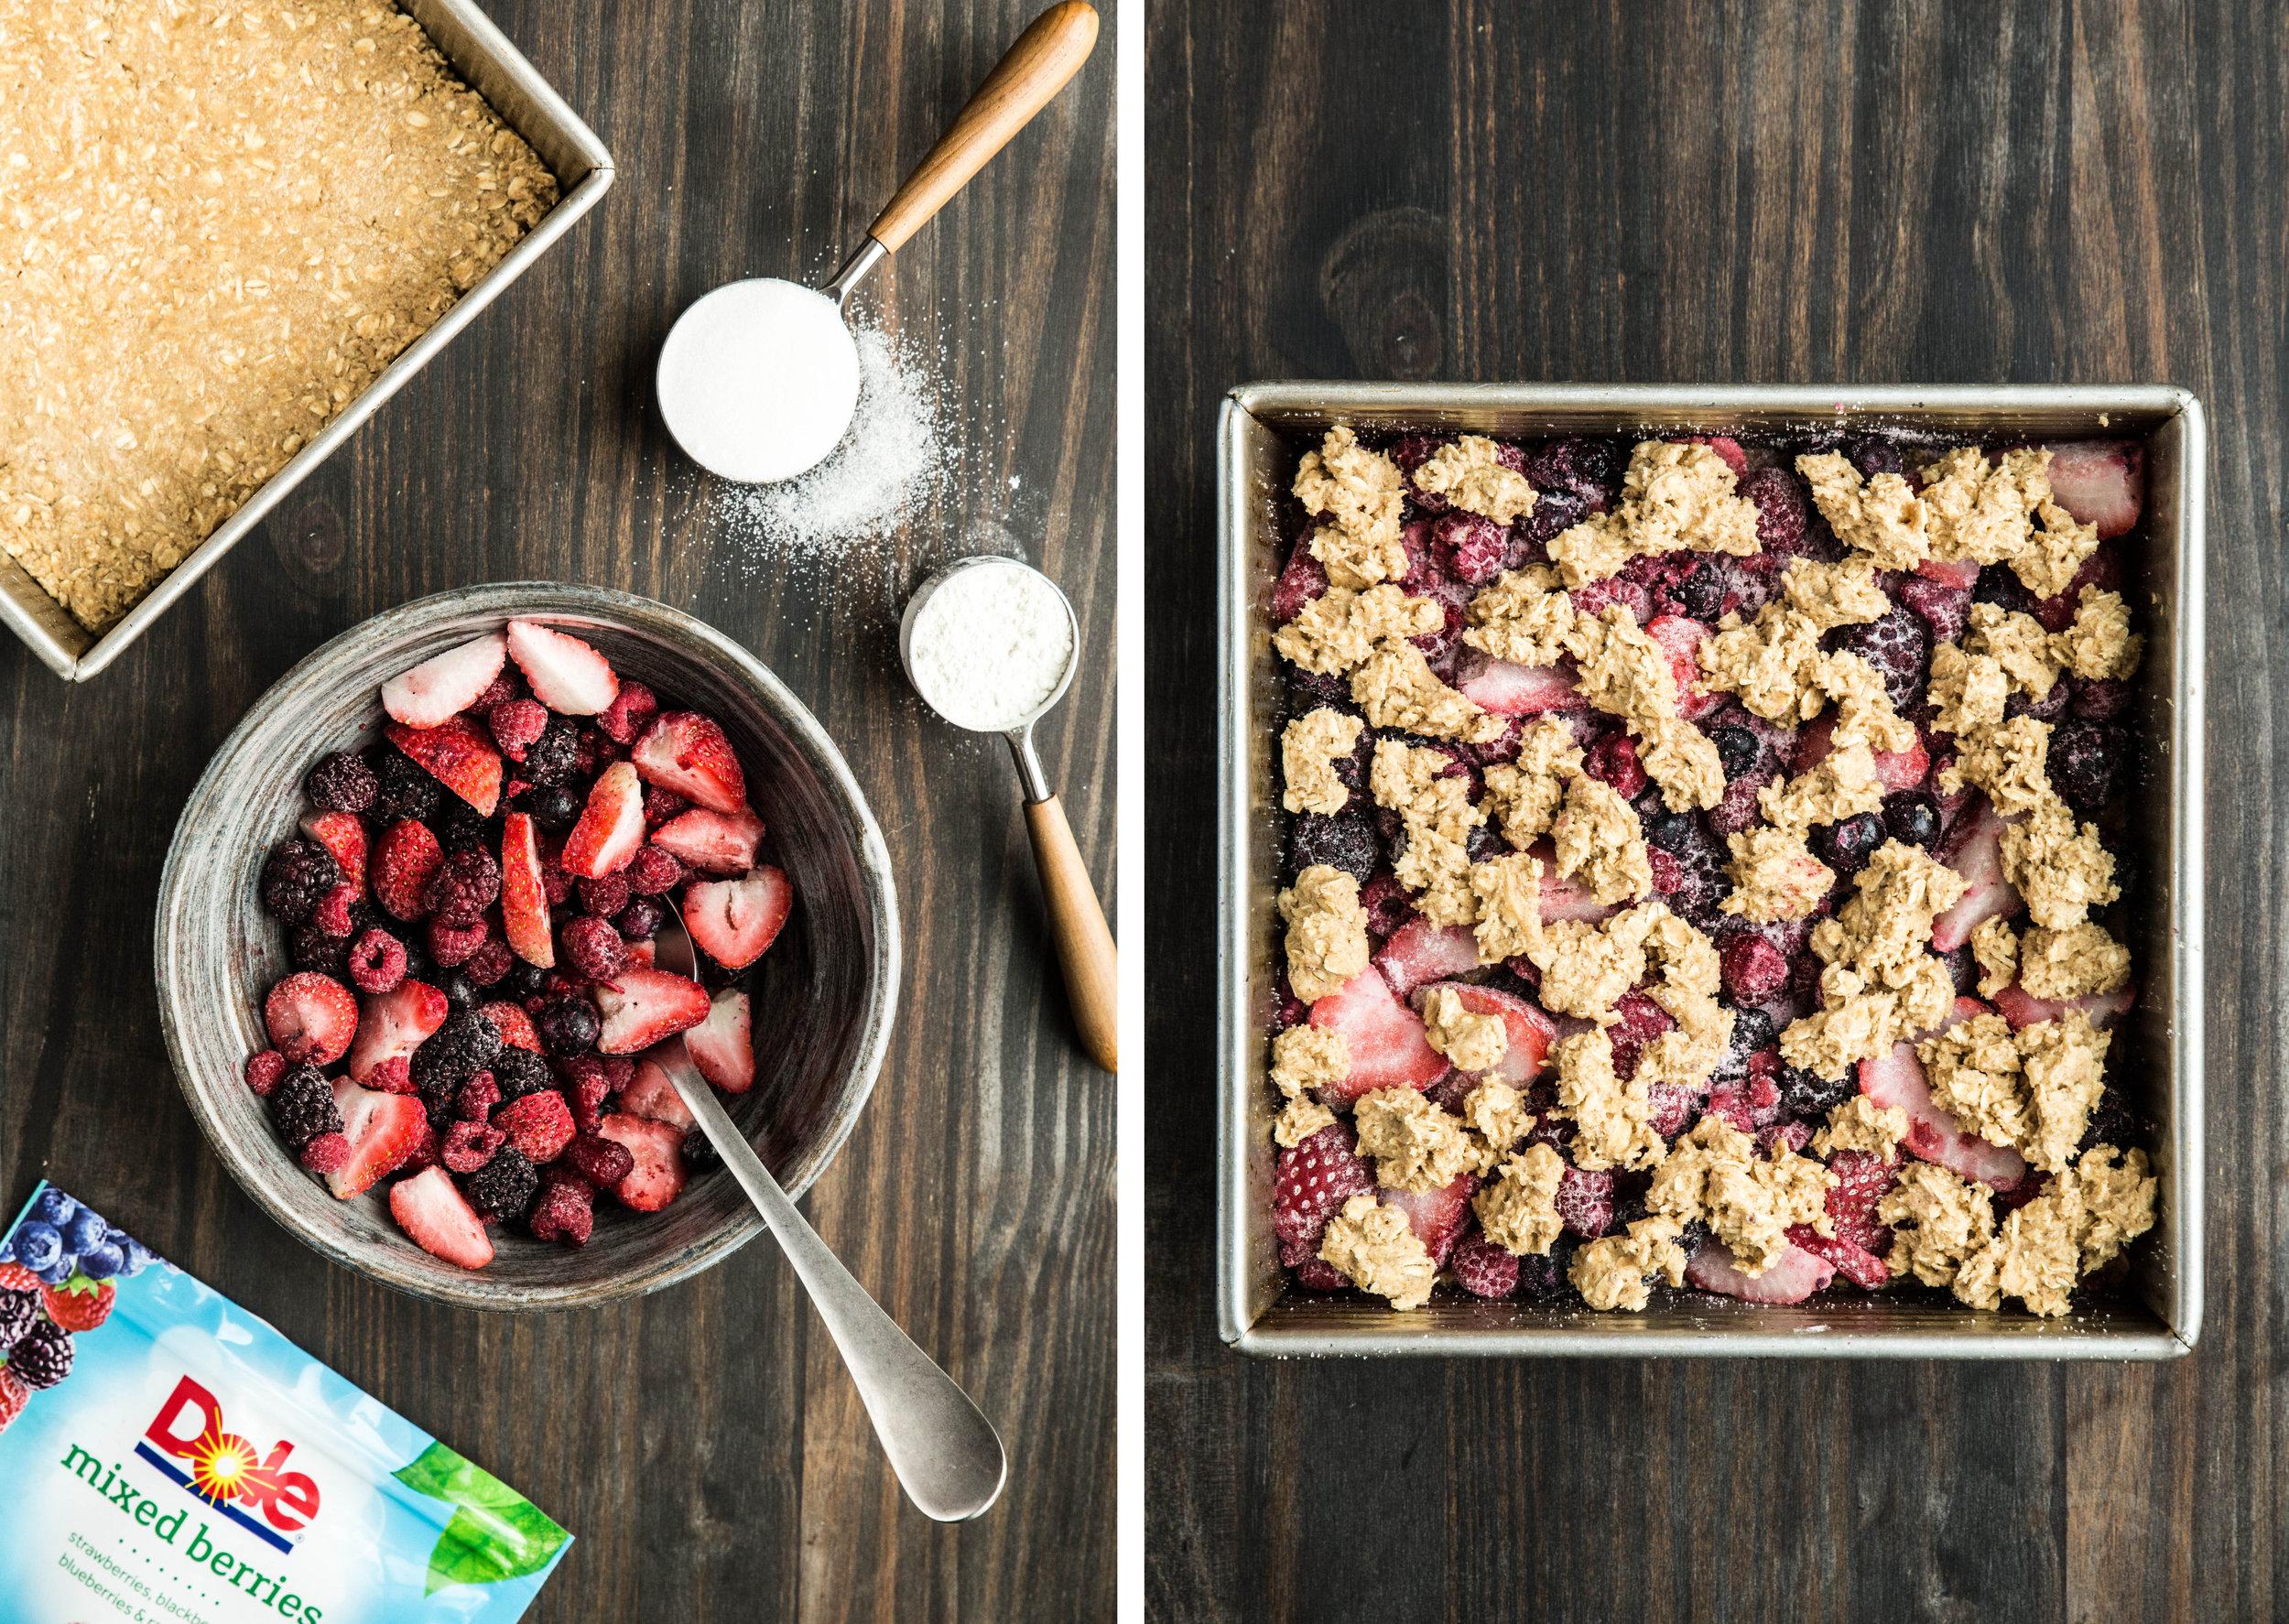 mixedberryoatbars1.jpg